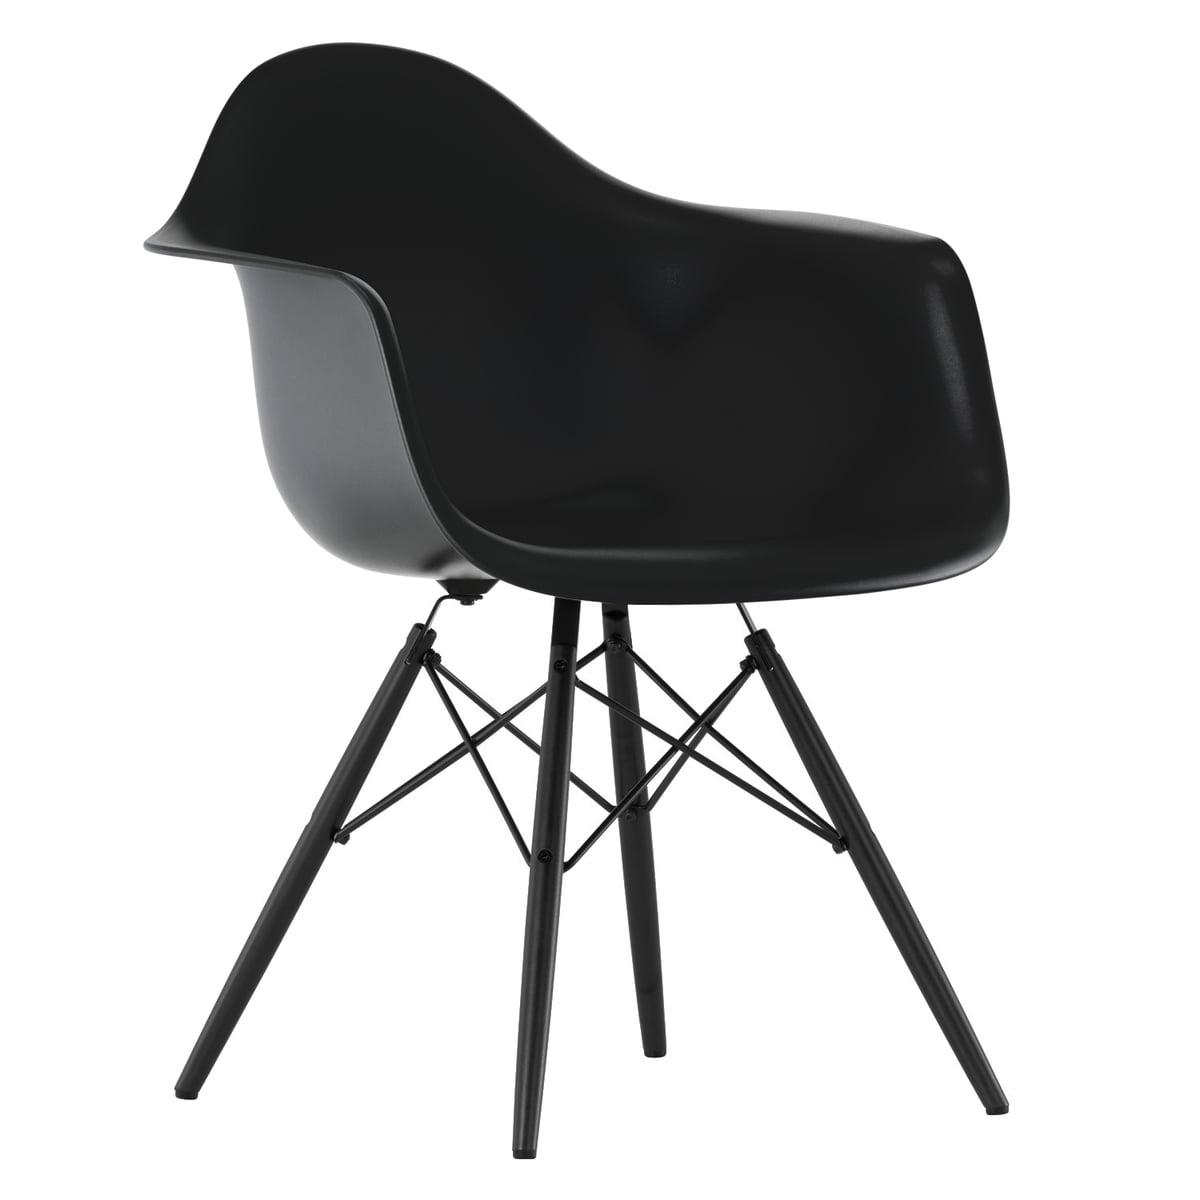 Eames Plastic Armchair DAW (H 41,5 cm), Ahorn schwarz / basic dark, Filzgleiter